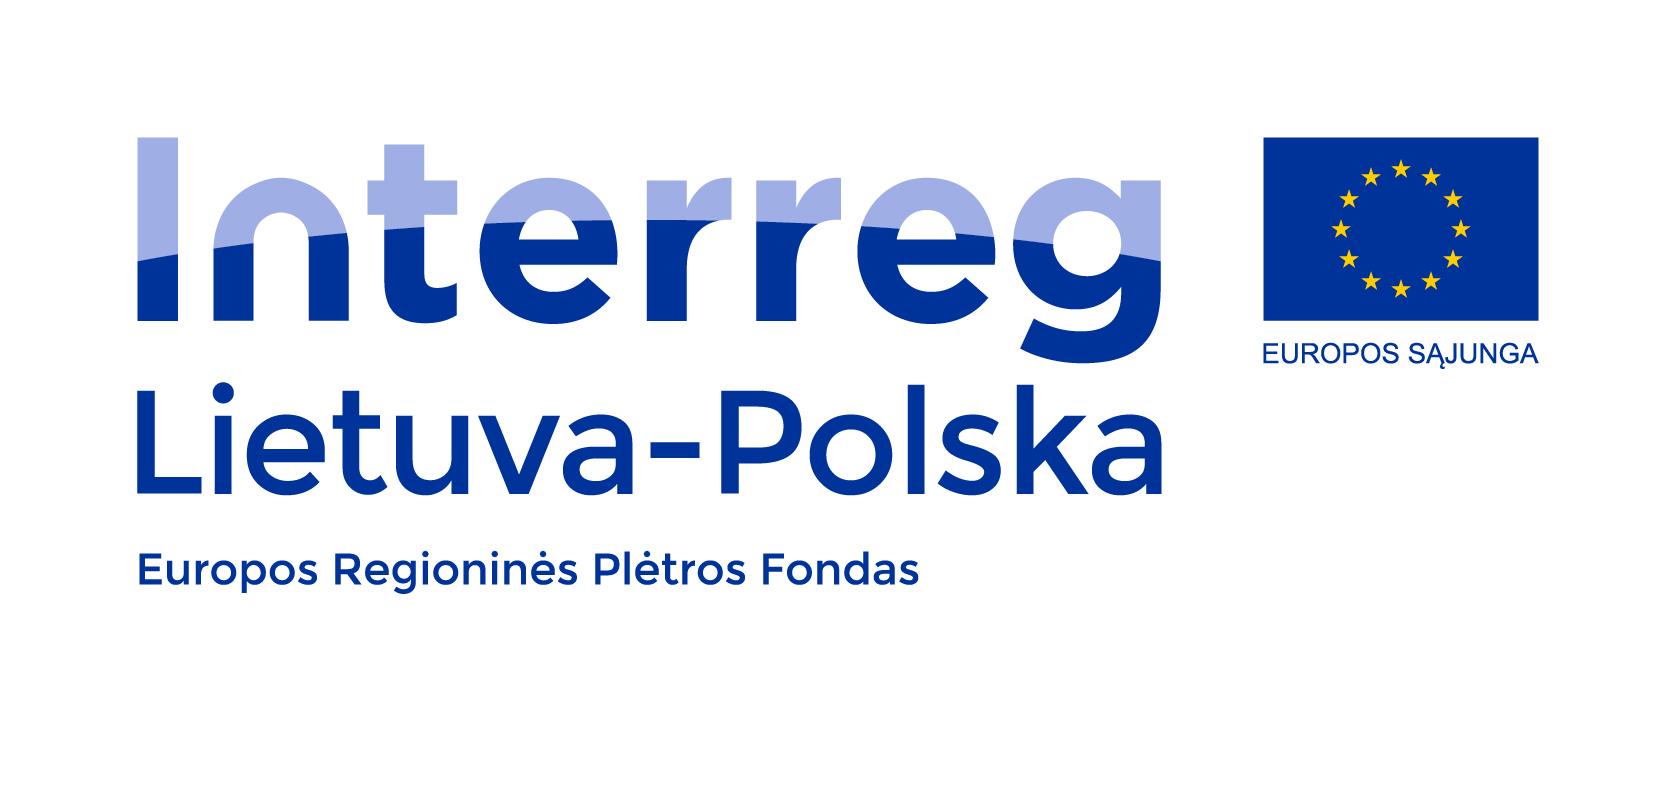 """Viešoji įstaiga Marijampolės ligoninė įgyvendino  projektą Nr. LT-PL-3R-225 """"Bendradarbiavimas dėl jautriųjų duomenų apsaugos: nauji iššūkiai – modernūs sprendimai"""" ir džiaugiasi jos rezultatais"""